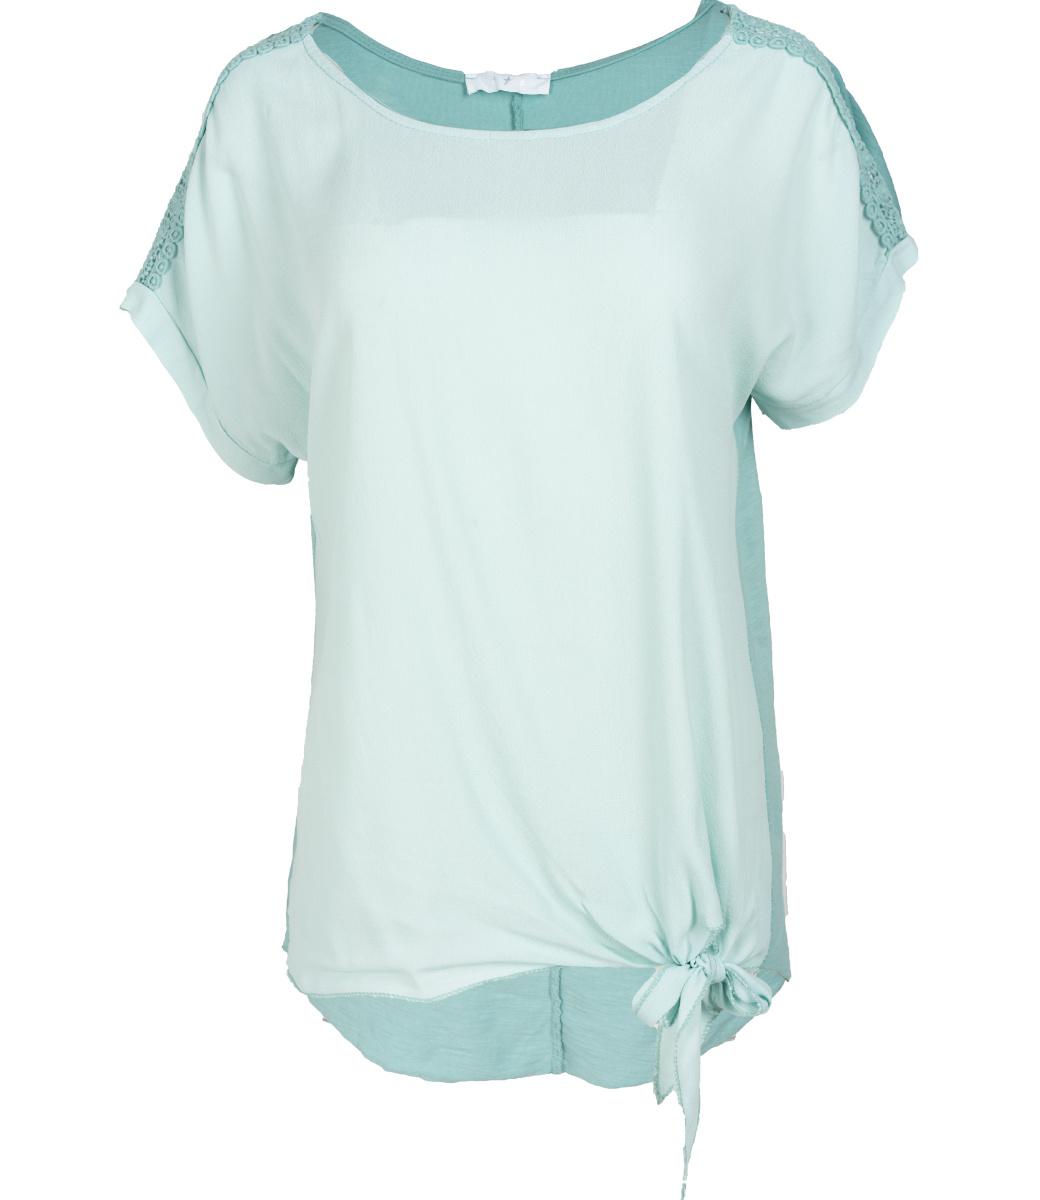 Gemma Ricceri Shirt mintgroen Madelief